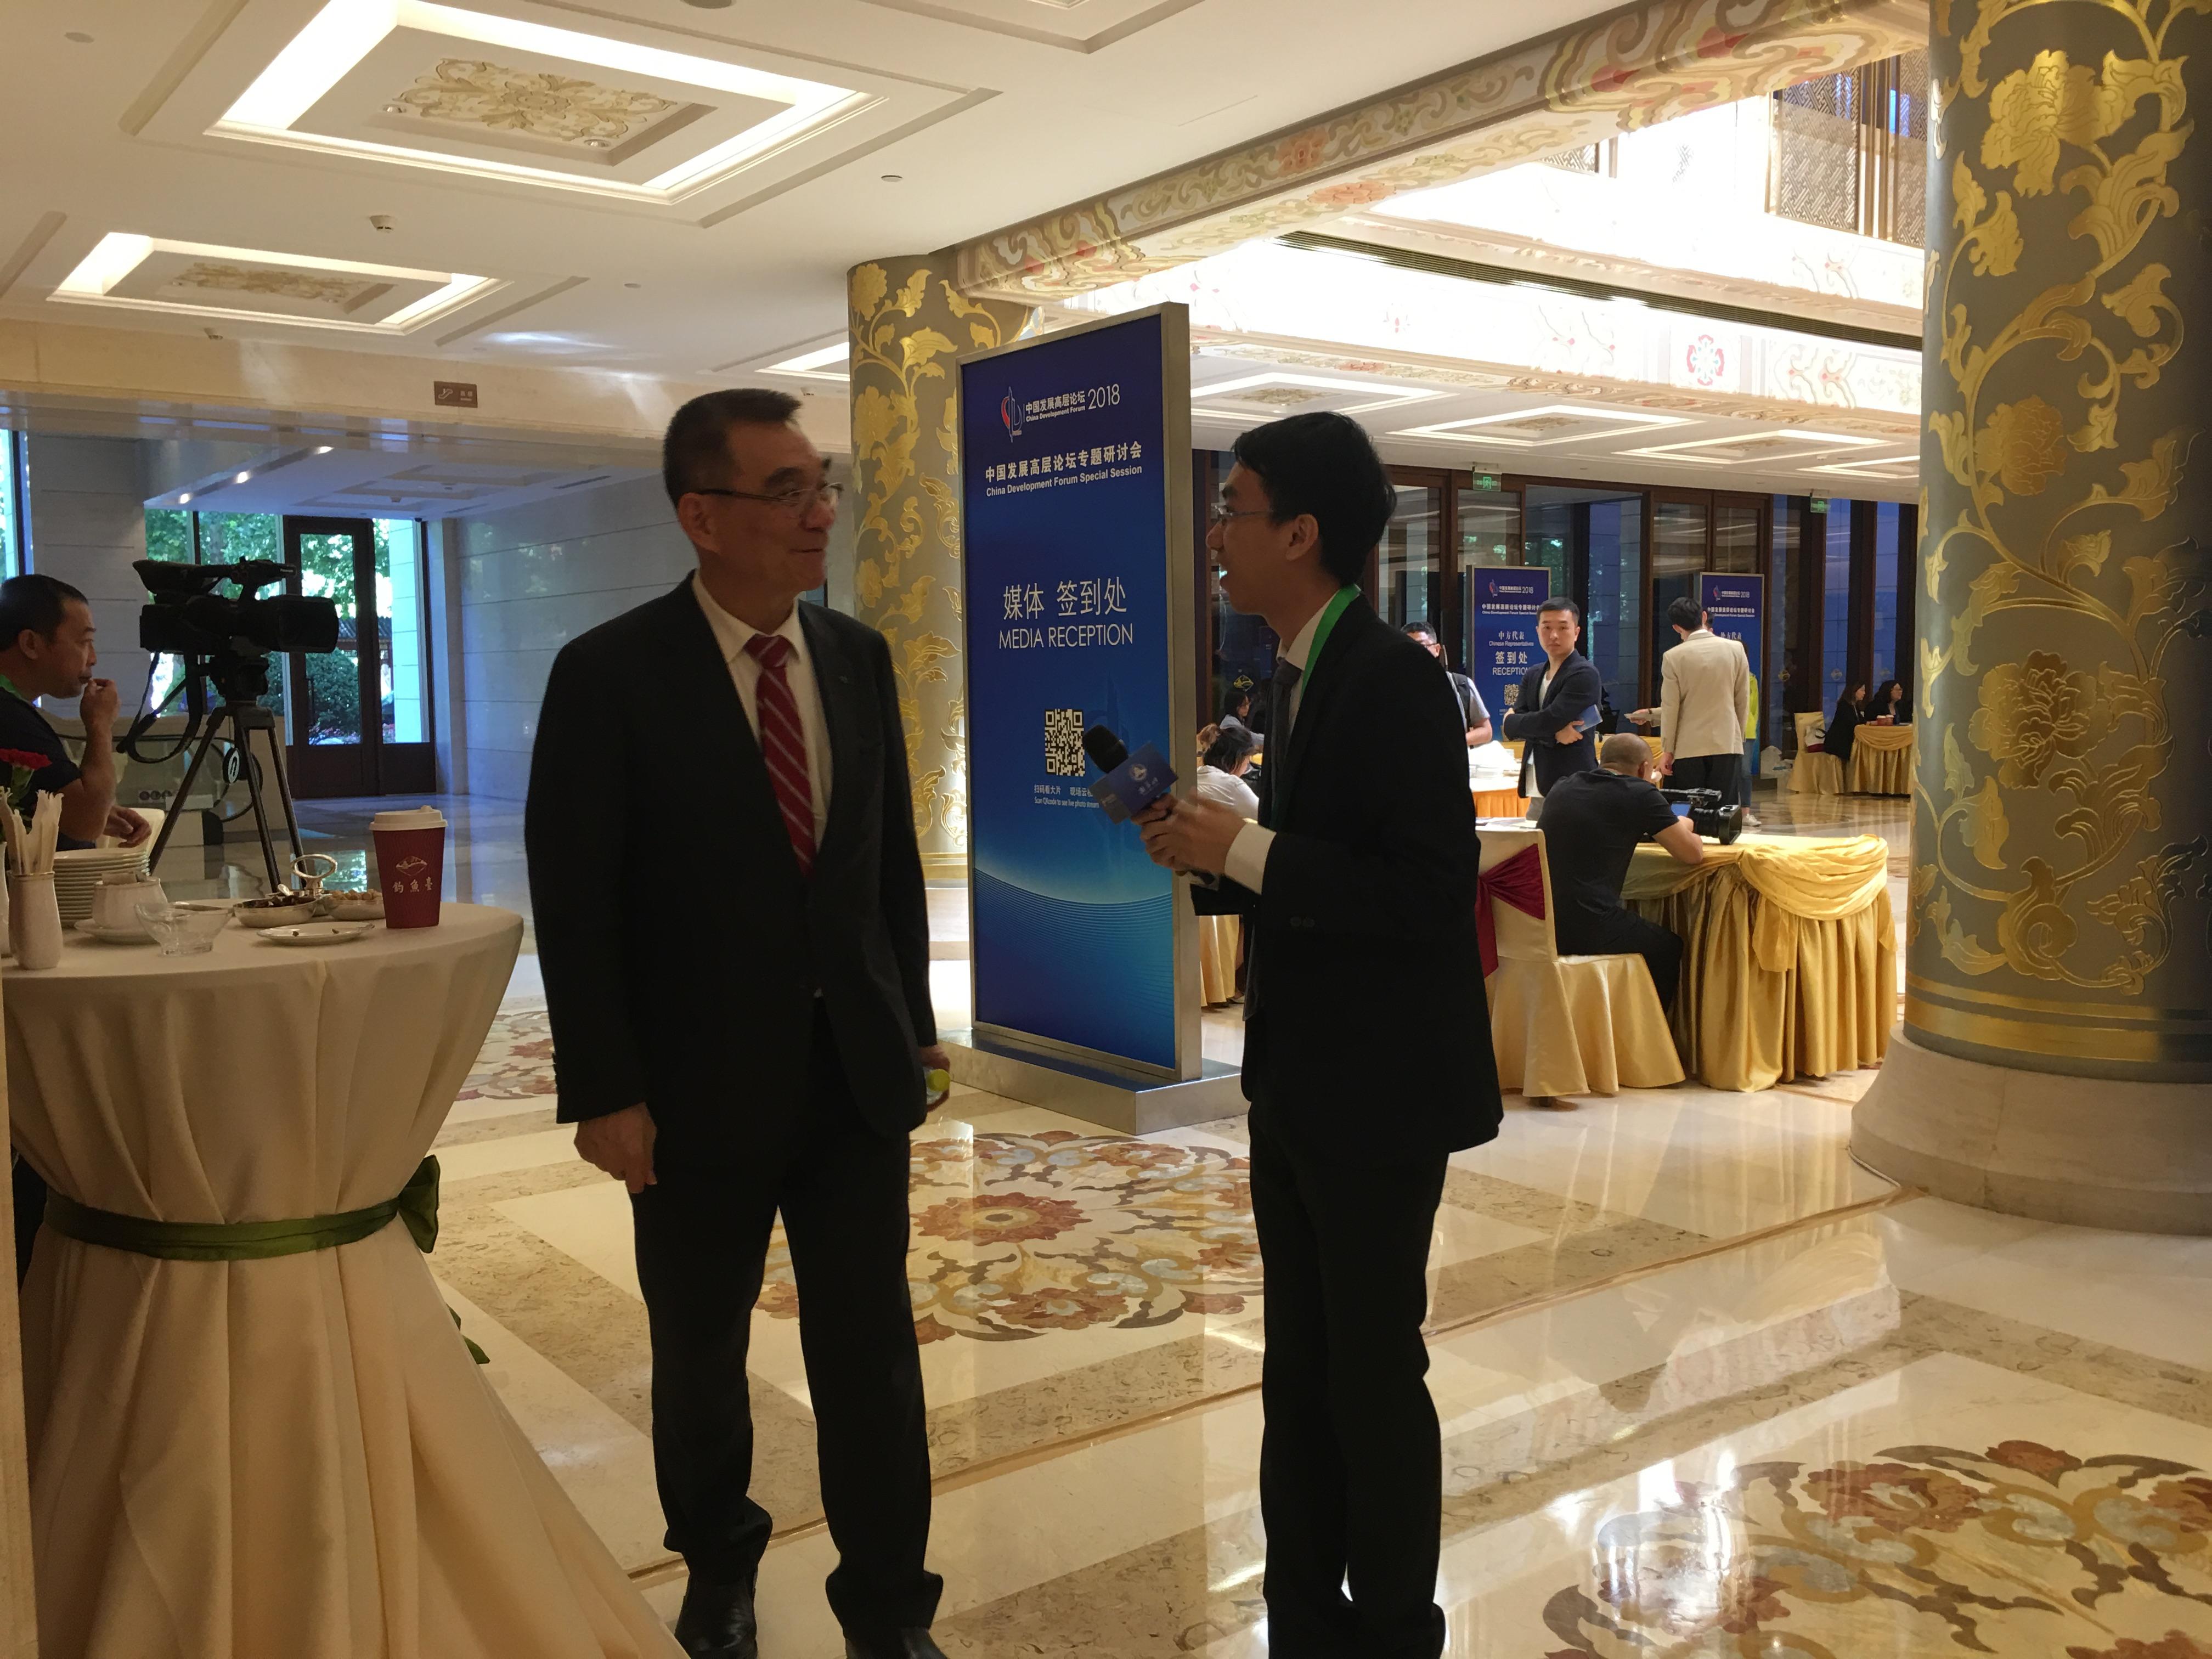 中国财富网记者专访与会嘉宾